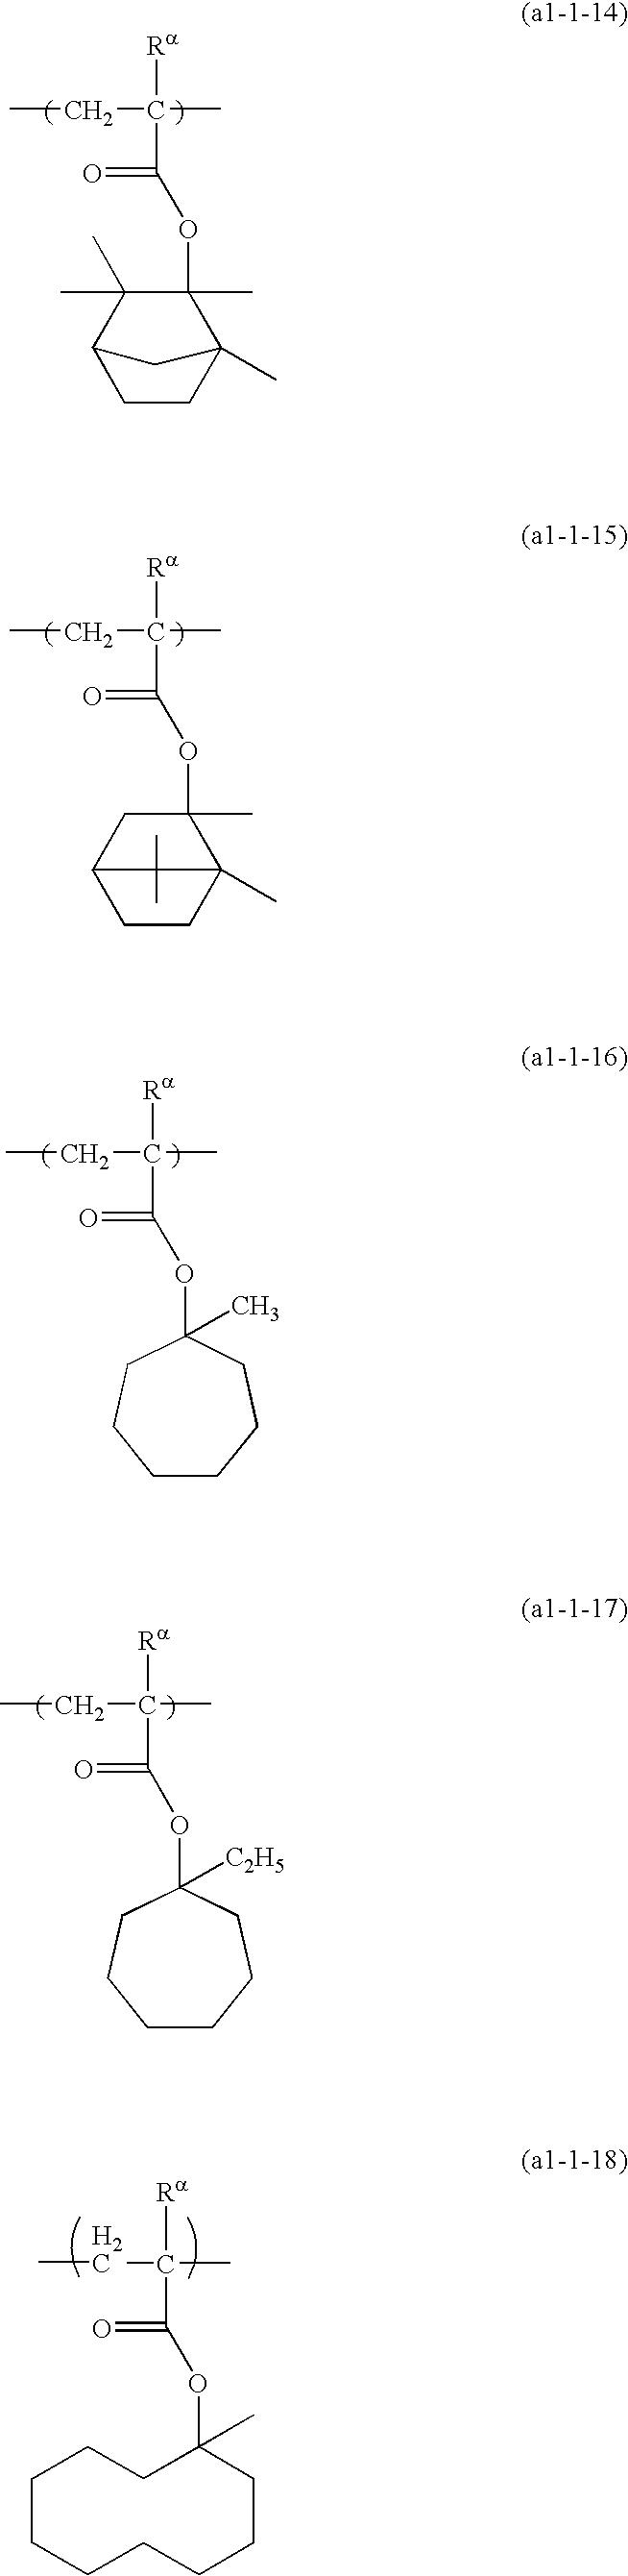 Figure US20100136480A1-20100603-C00023